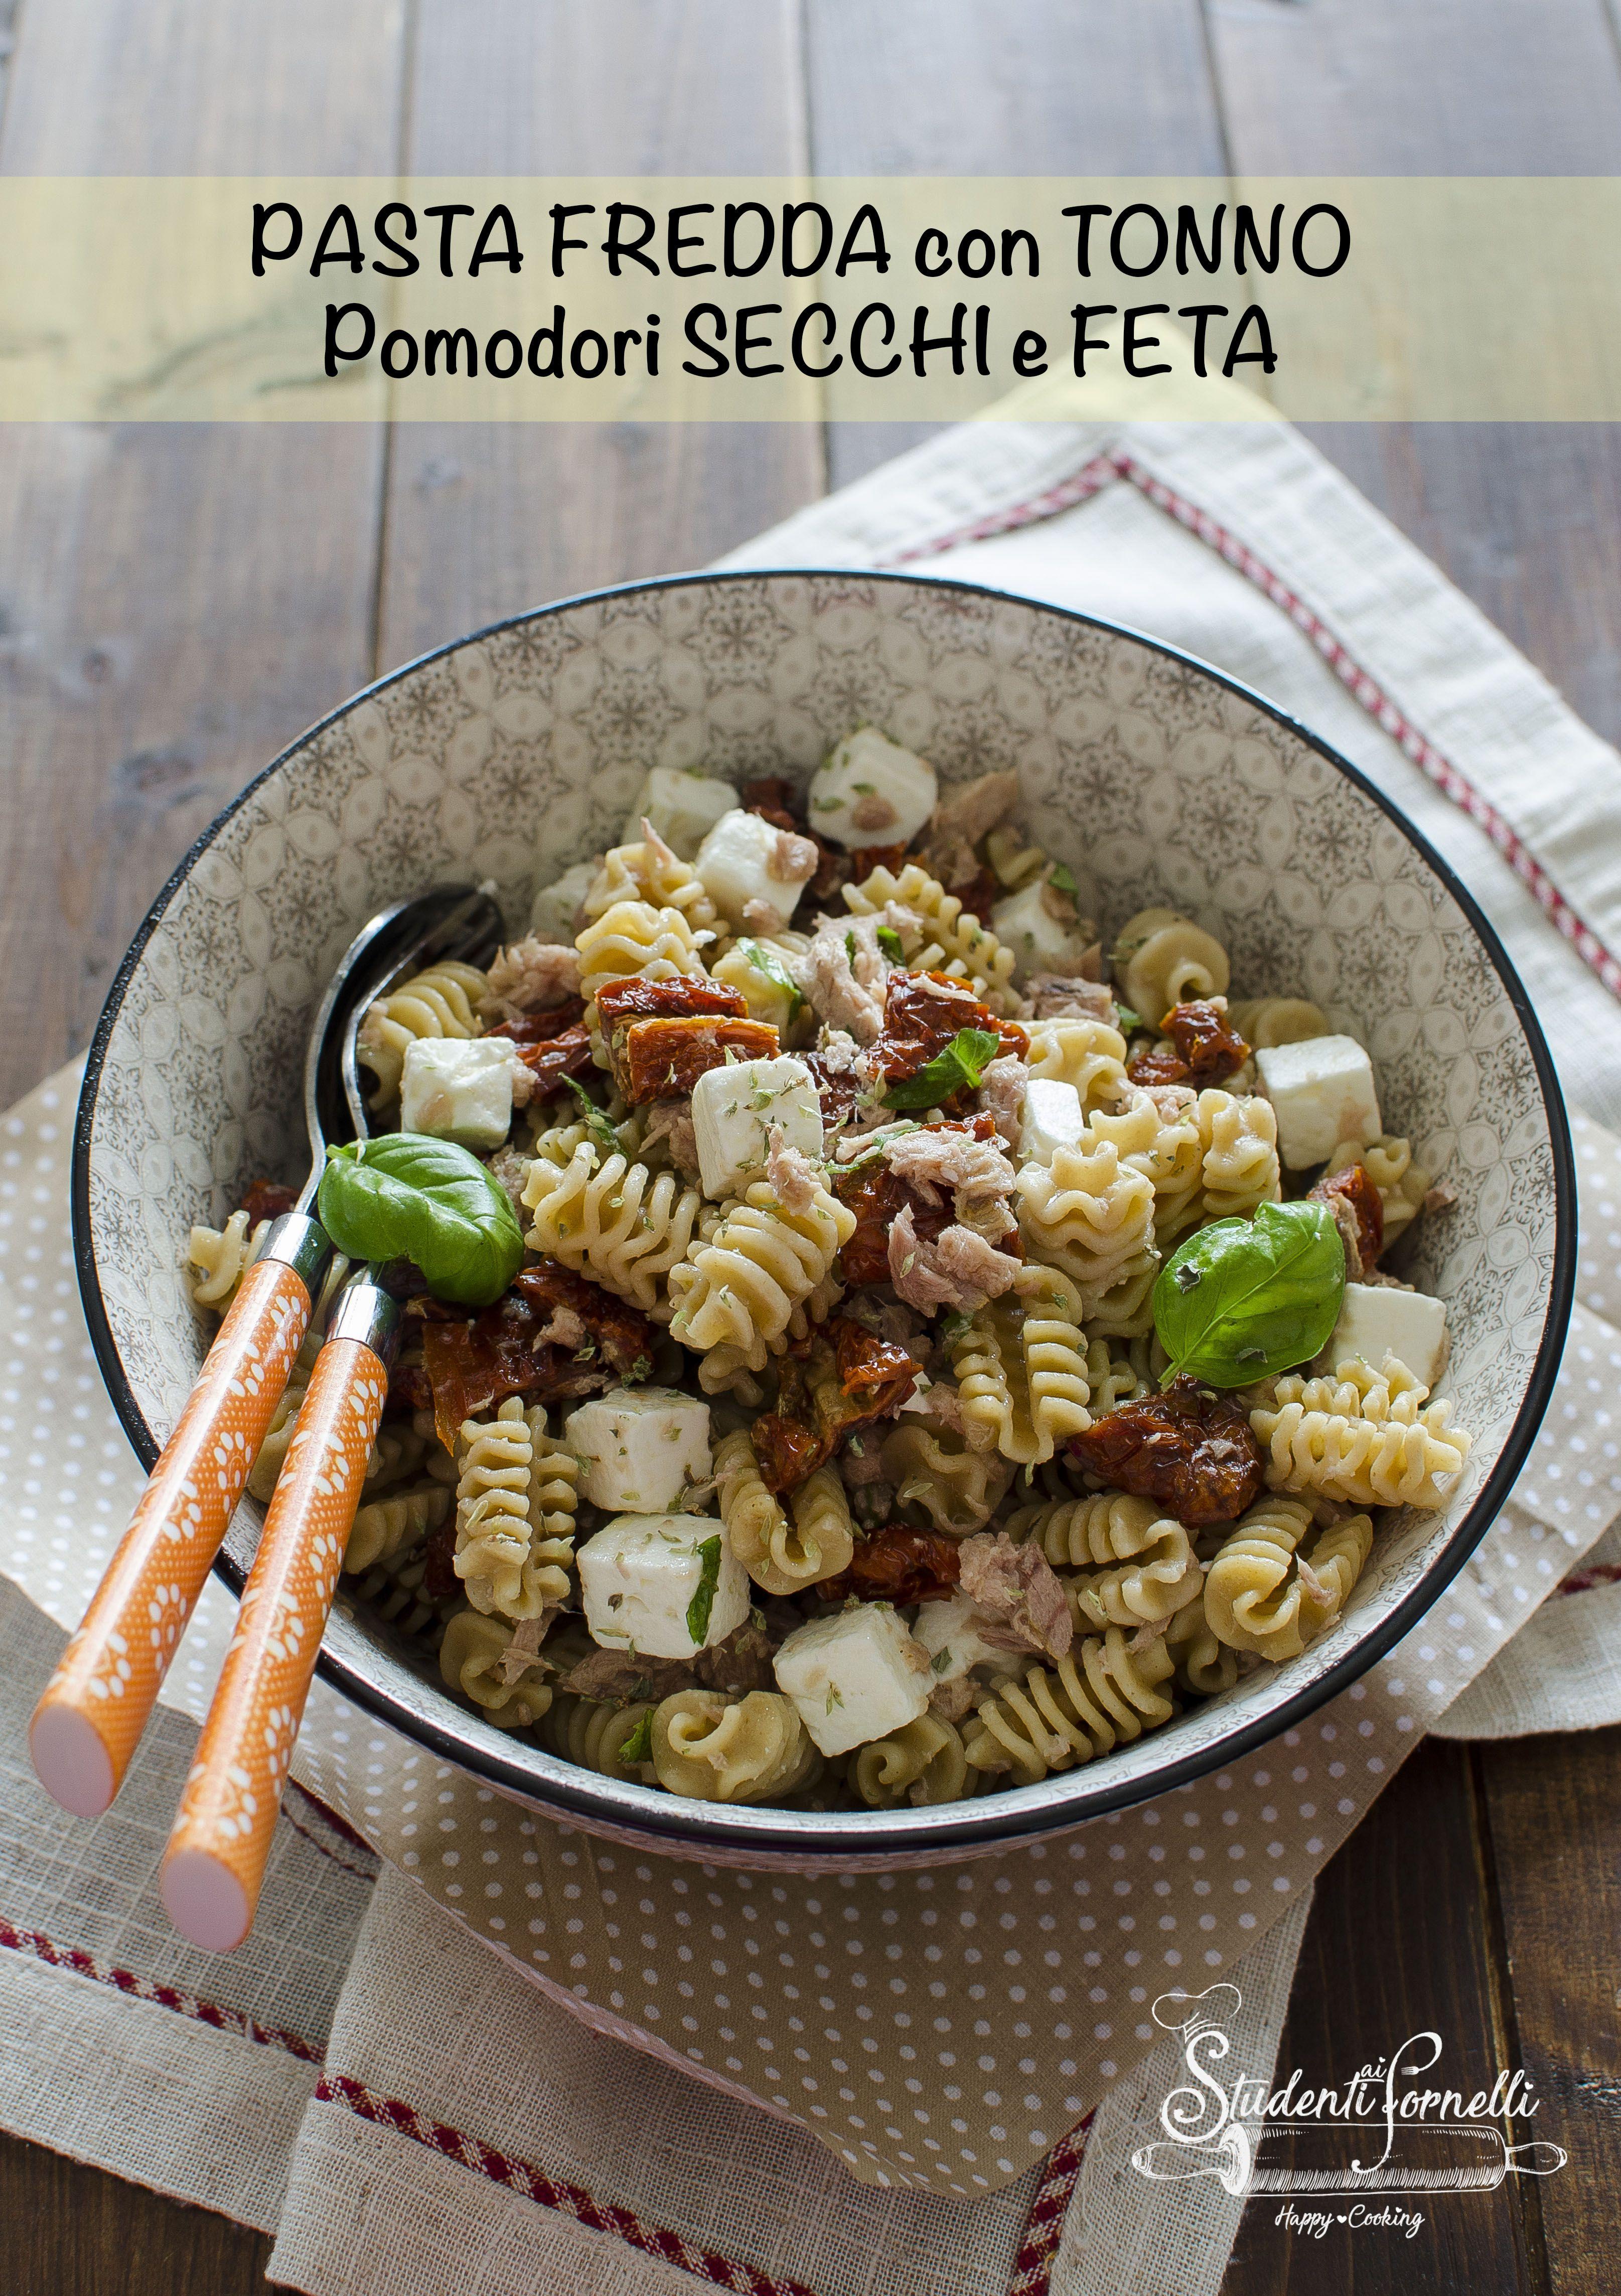 e0da80daf7b818d08898289d704fccb6 - Ricette Con Pomodori Secchi